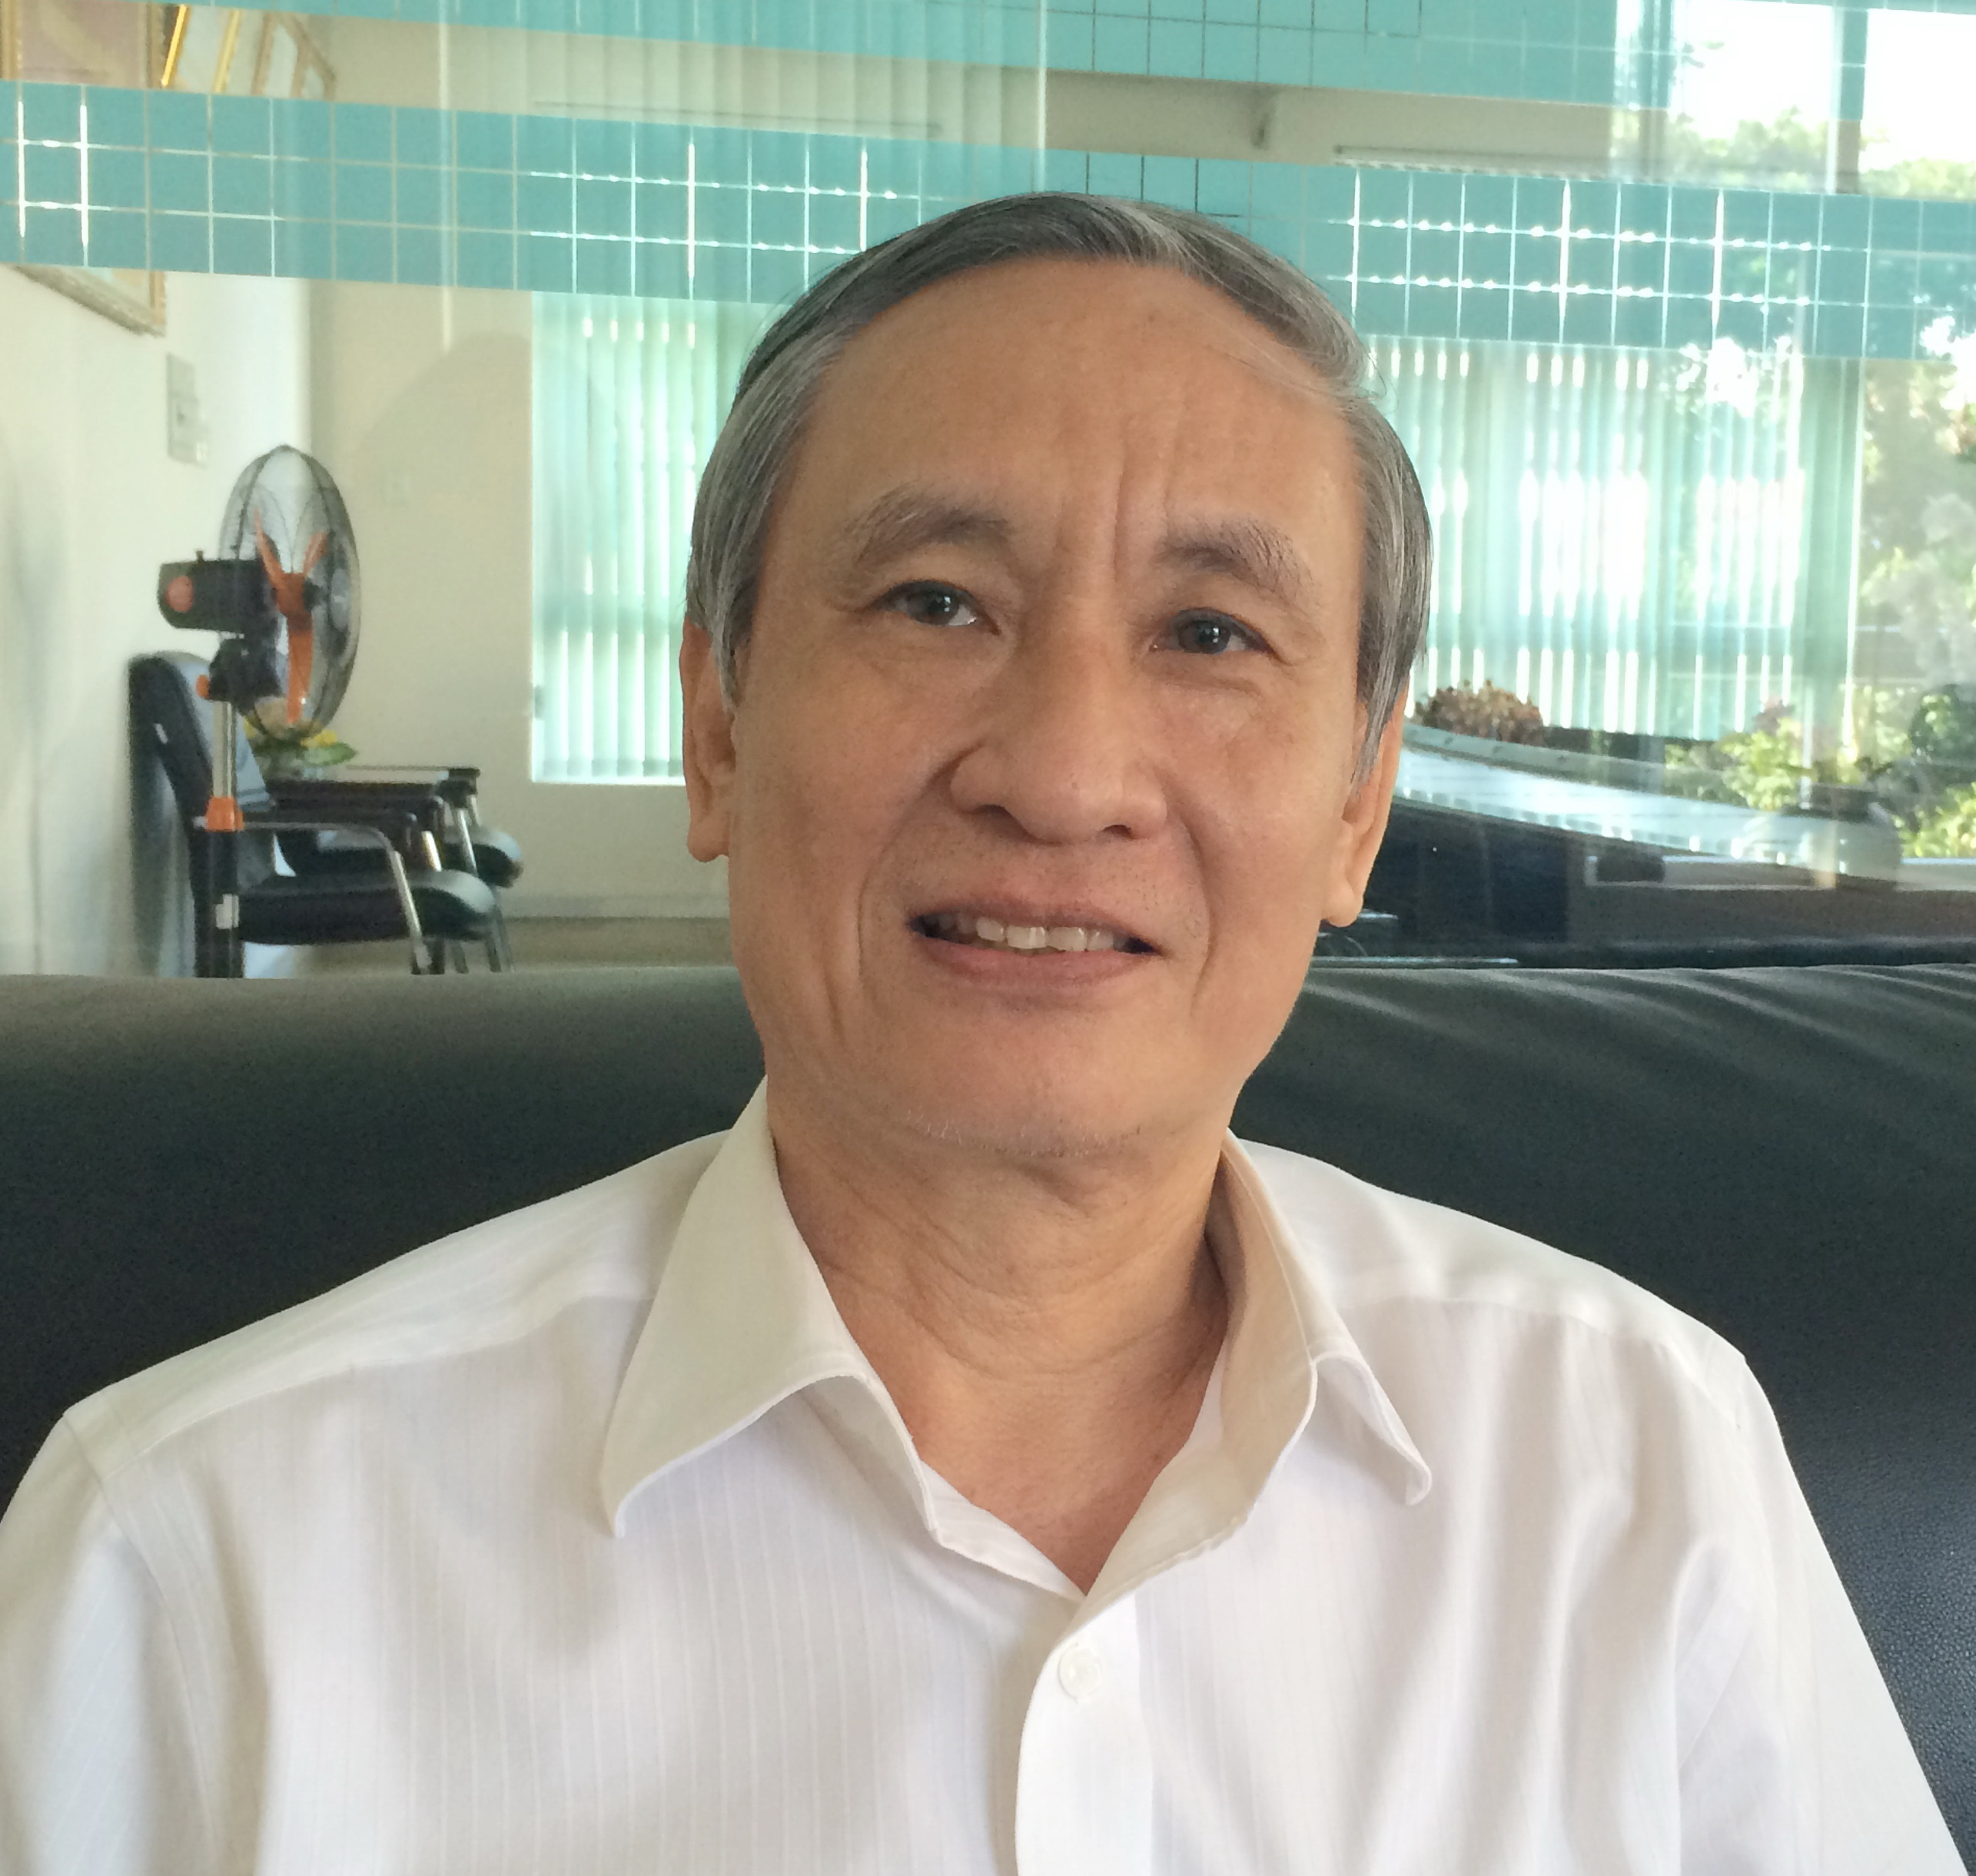 Ông Cao Vn Sang. ¢nh: L.TH.H